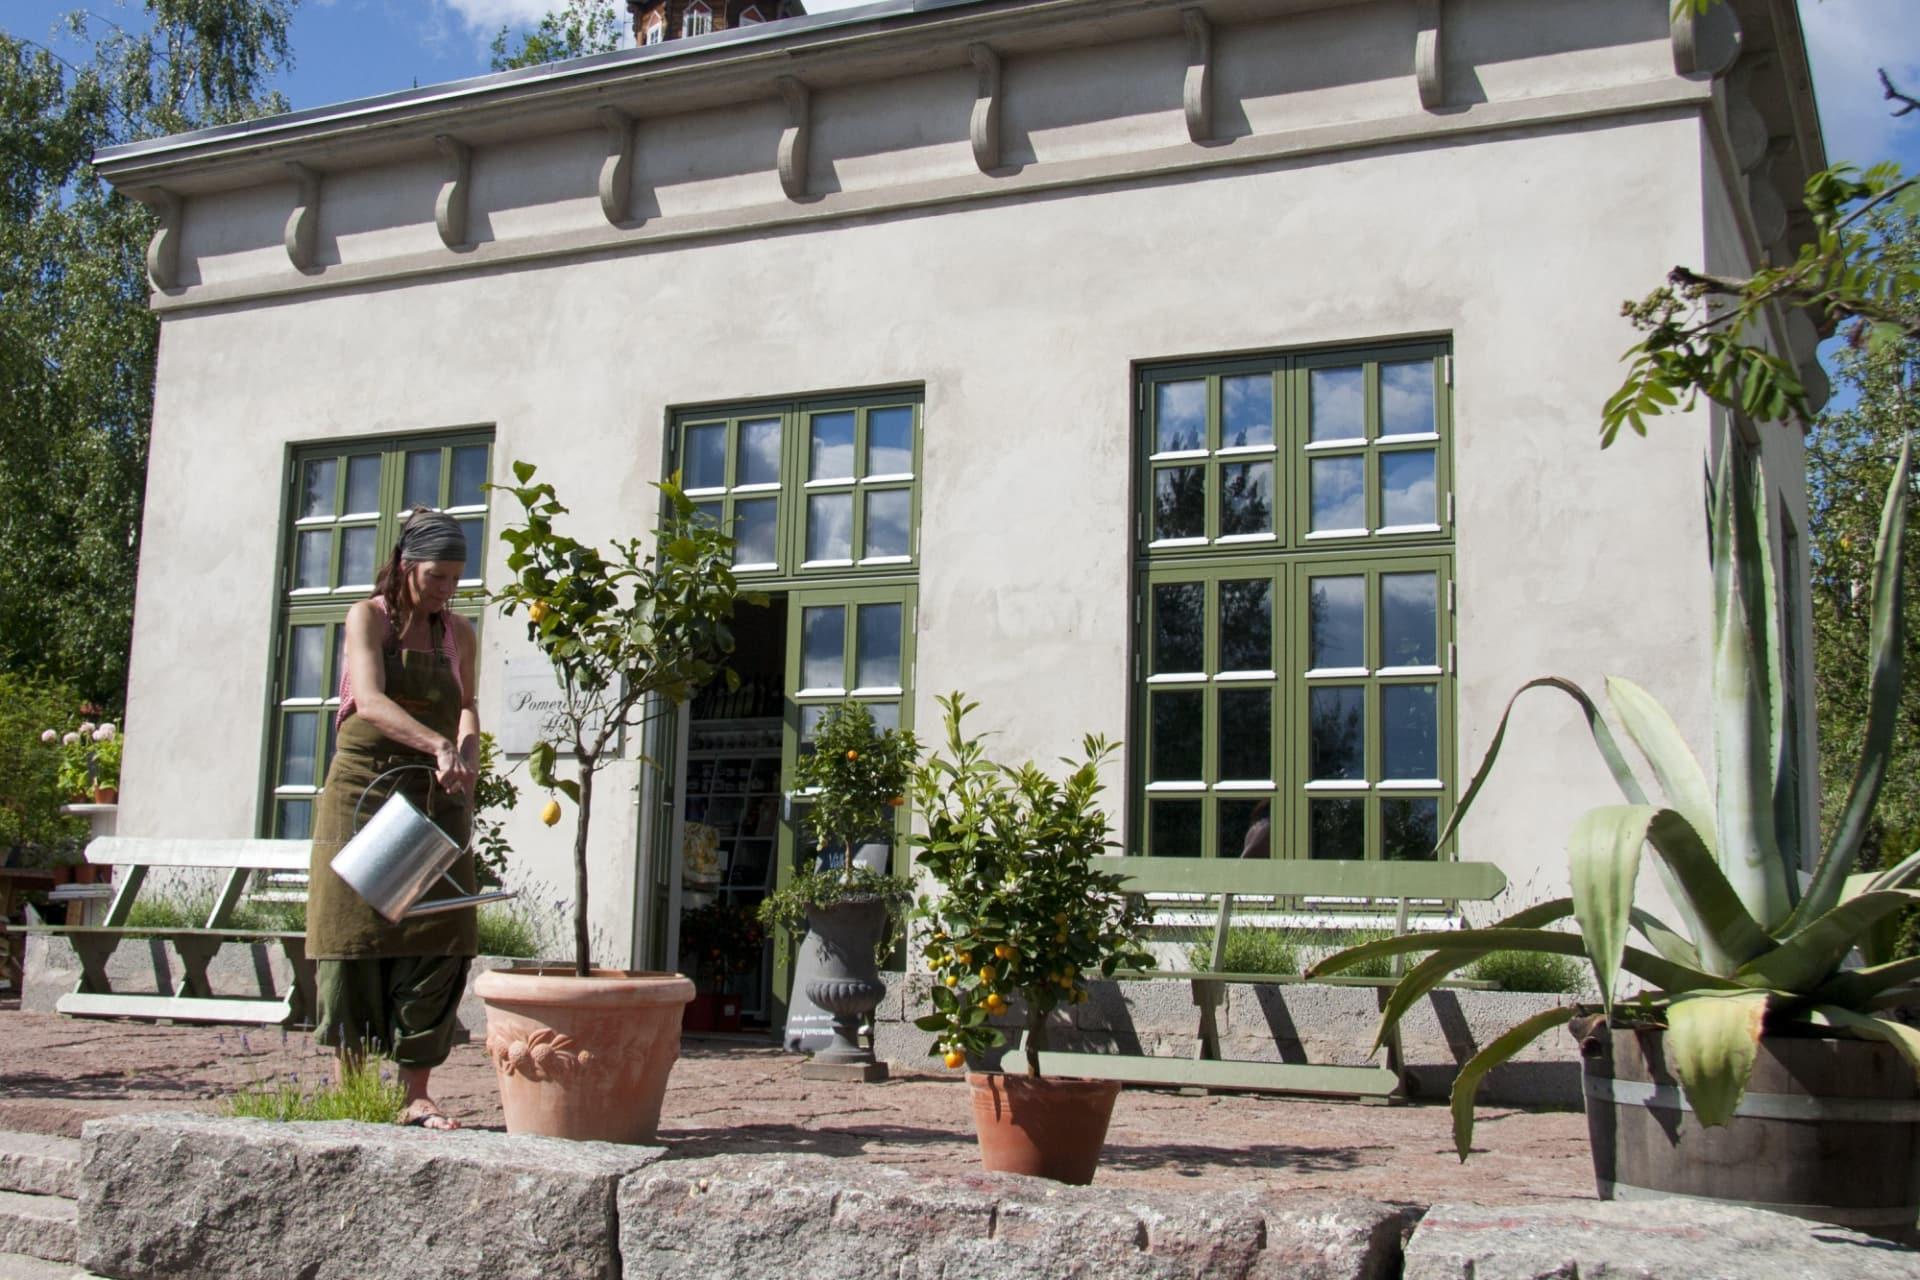 Pomeranshuset är omsorgsfullt designat för att ge intrycket av ett orangeri från renässansen med sina höga fönster, putsade väggar och krönta tak.